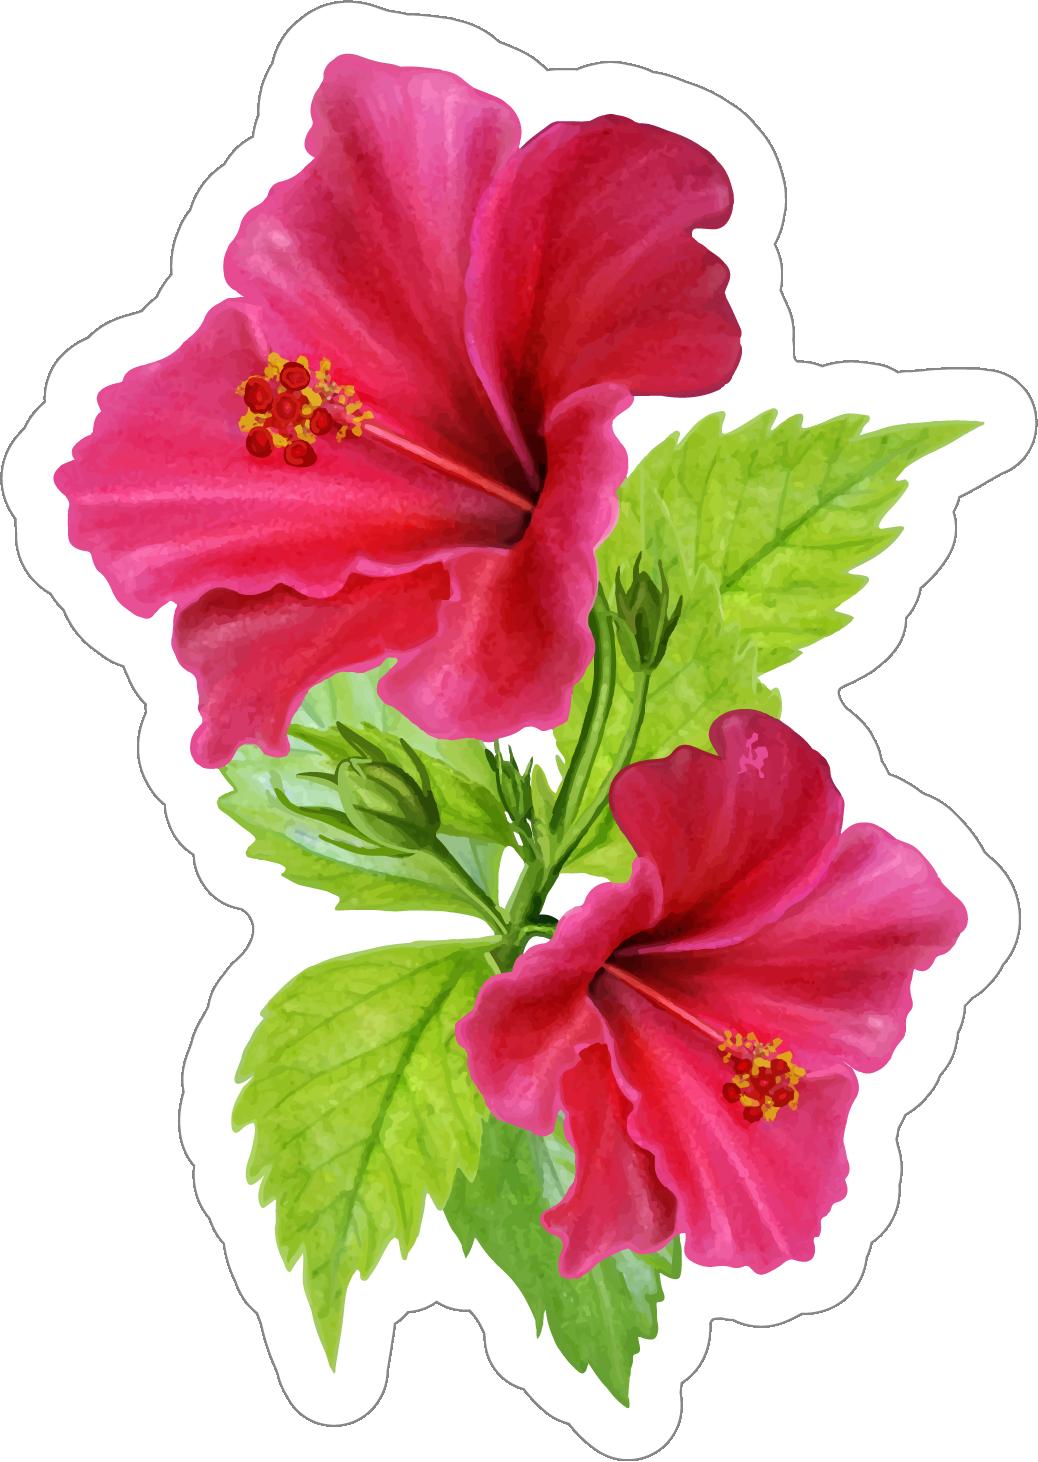 Hibiscus flower sticker beautiful pink hibiscus flower sticker izmirmasajfo